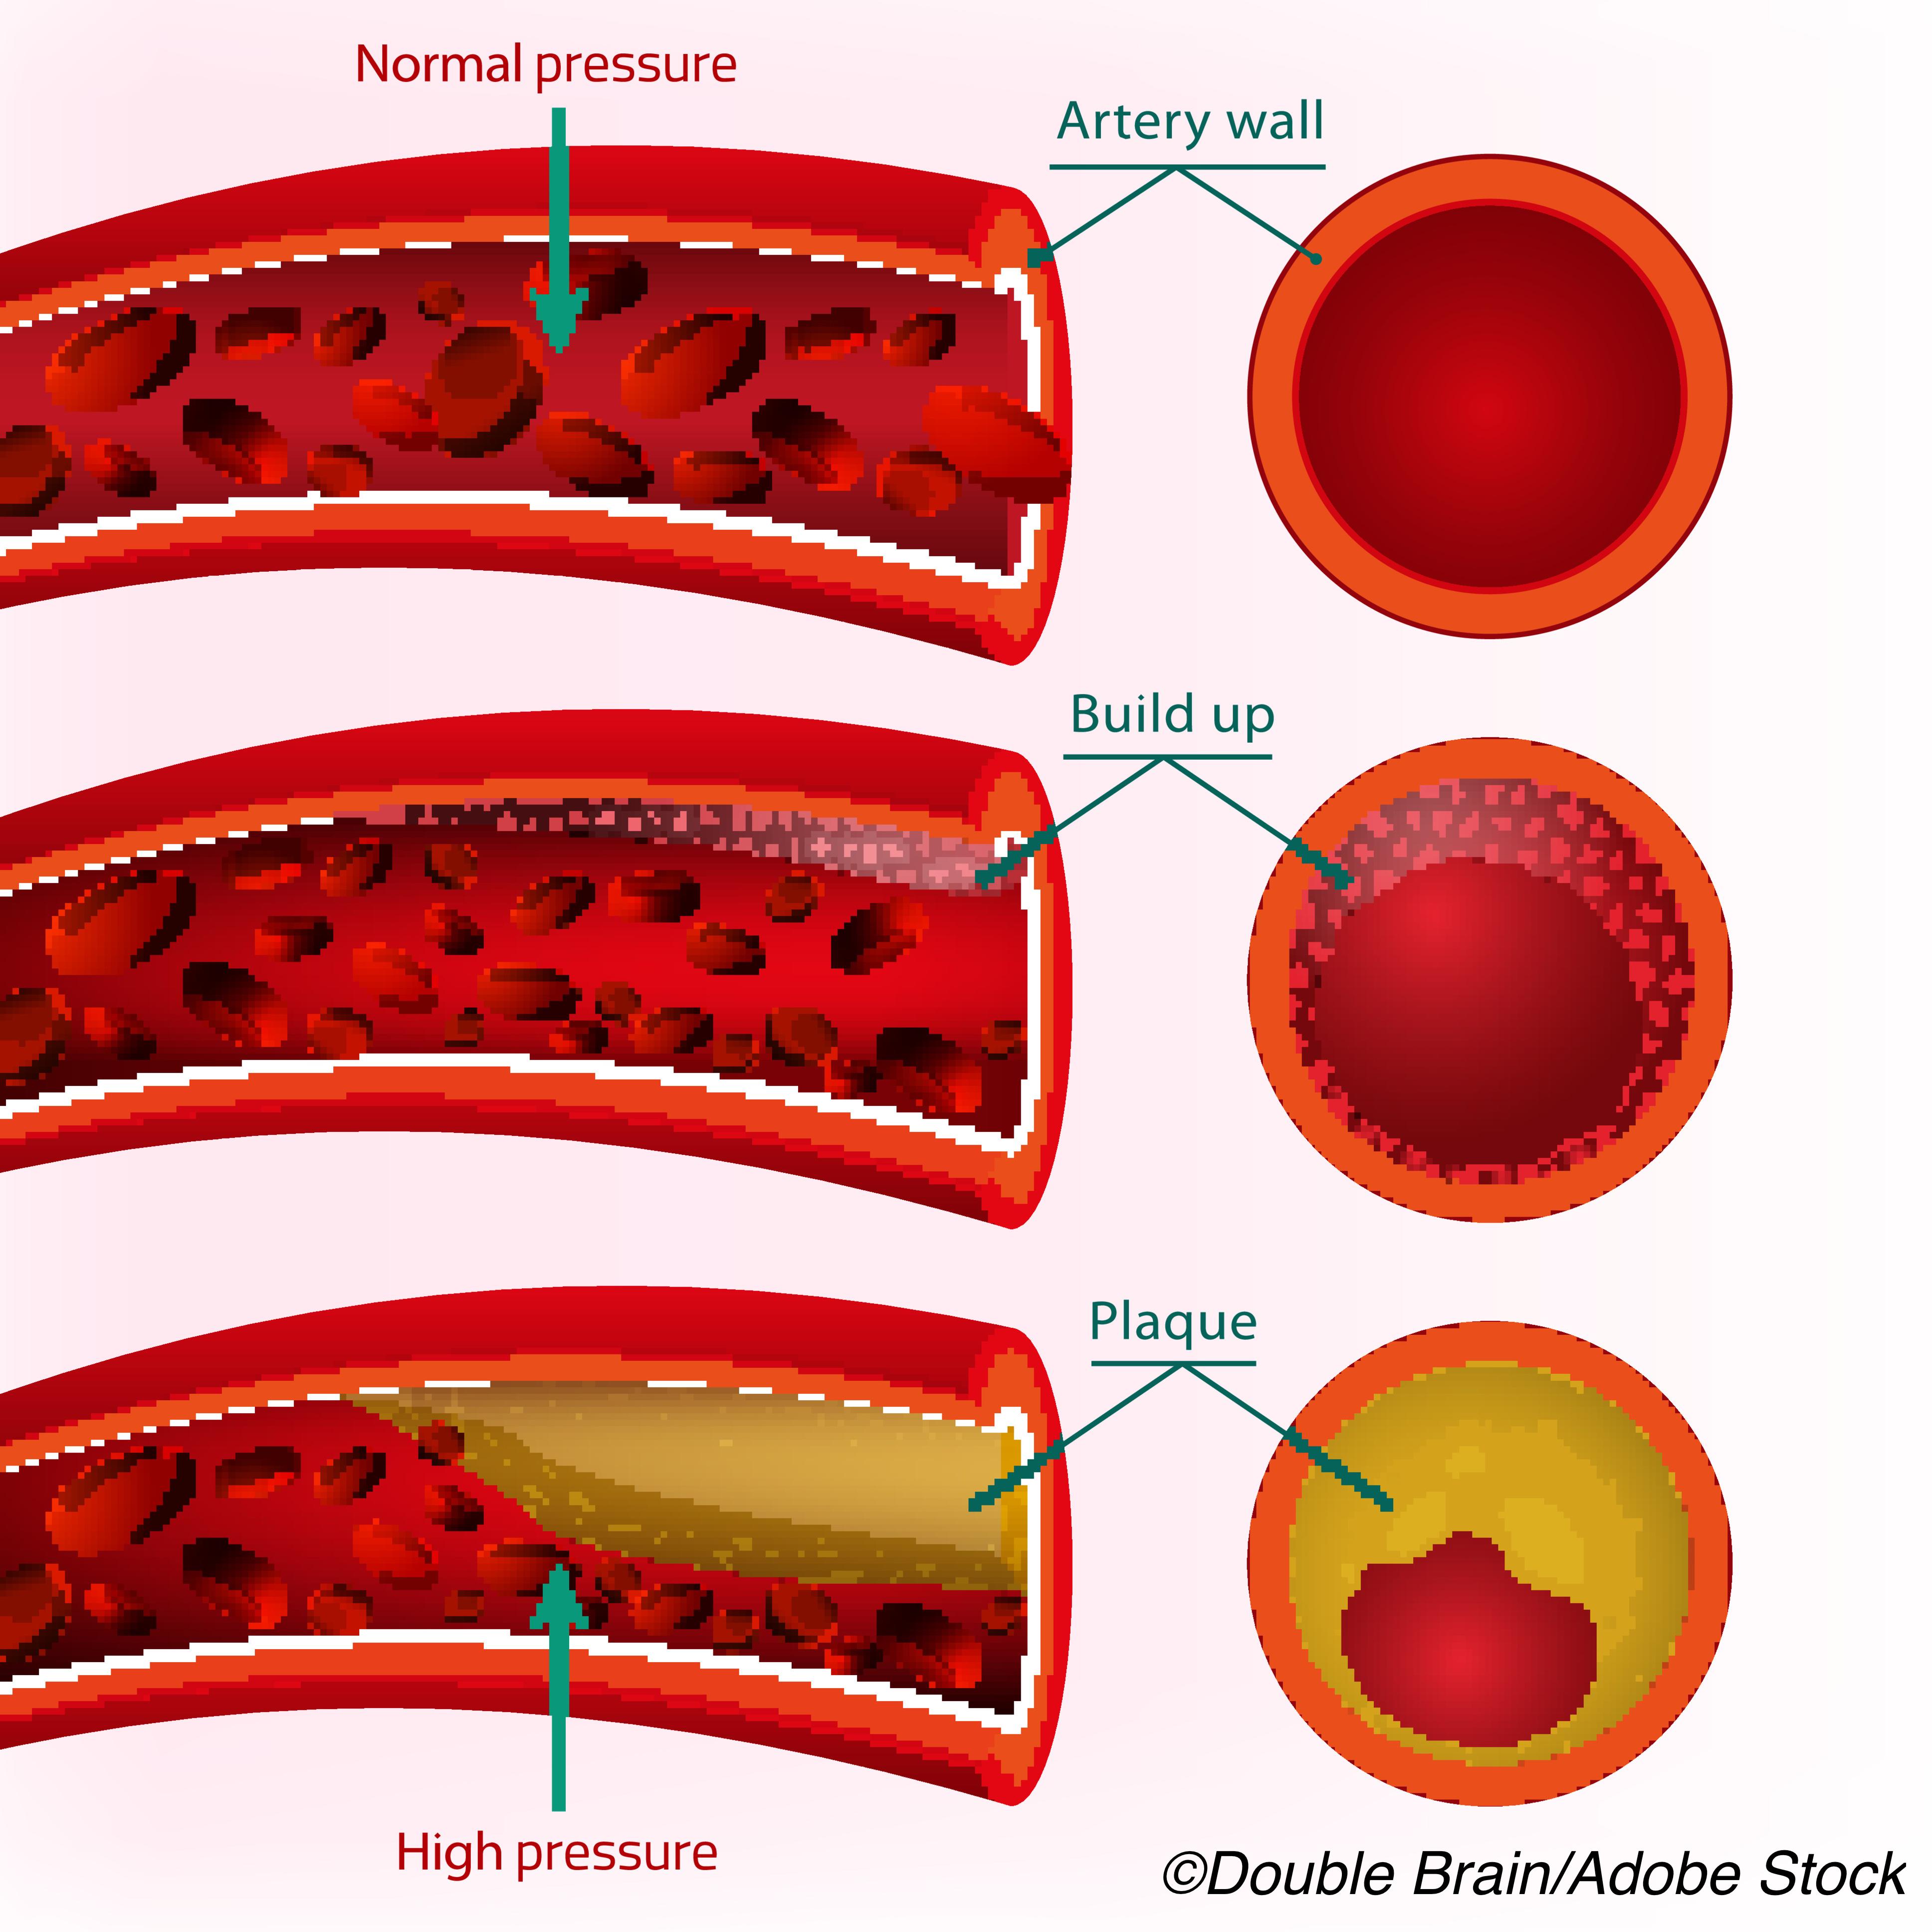 Coronary Artery Calcium Scores Predict Major CV Events As Well as Stenosis